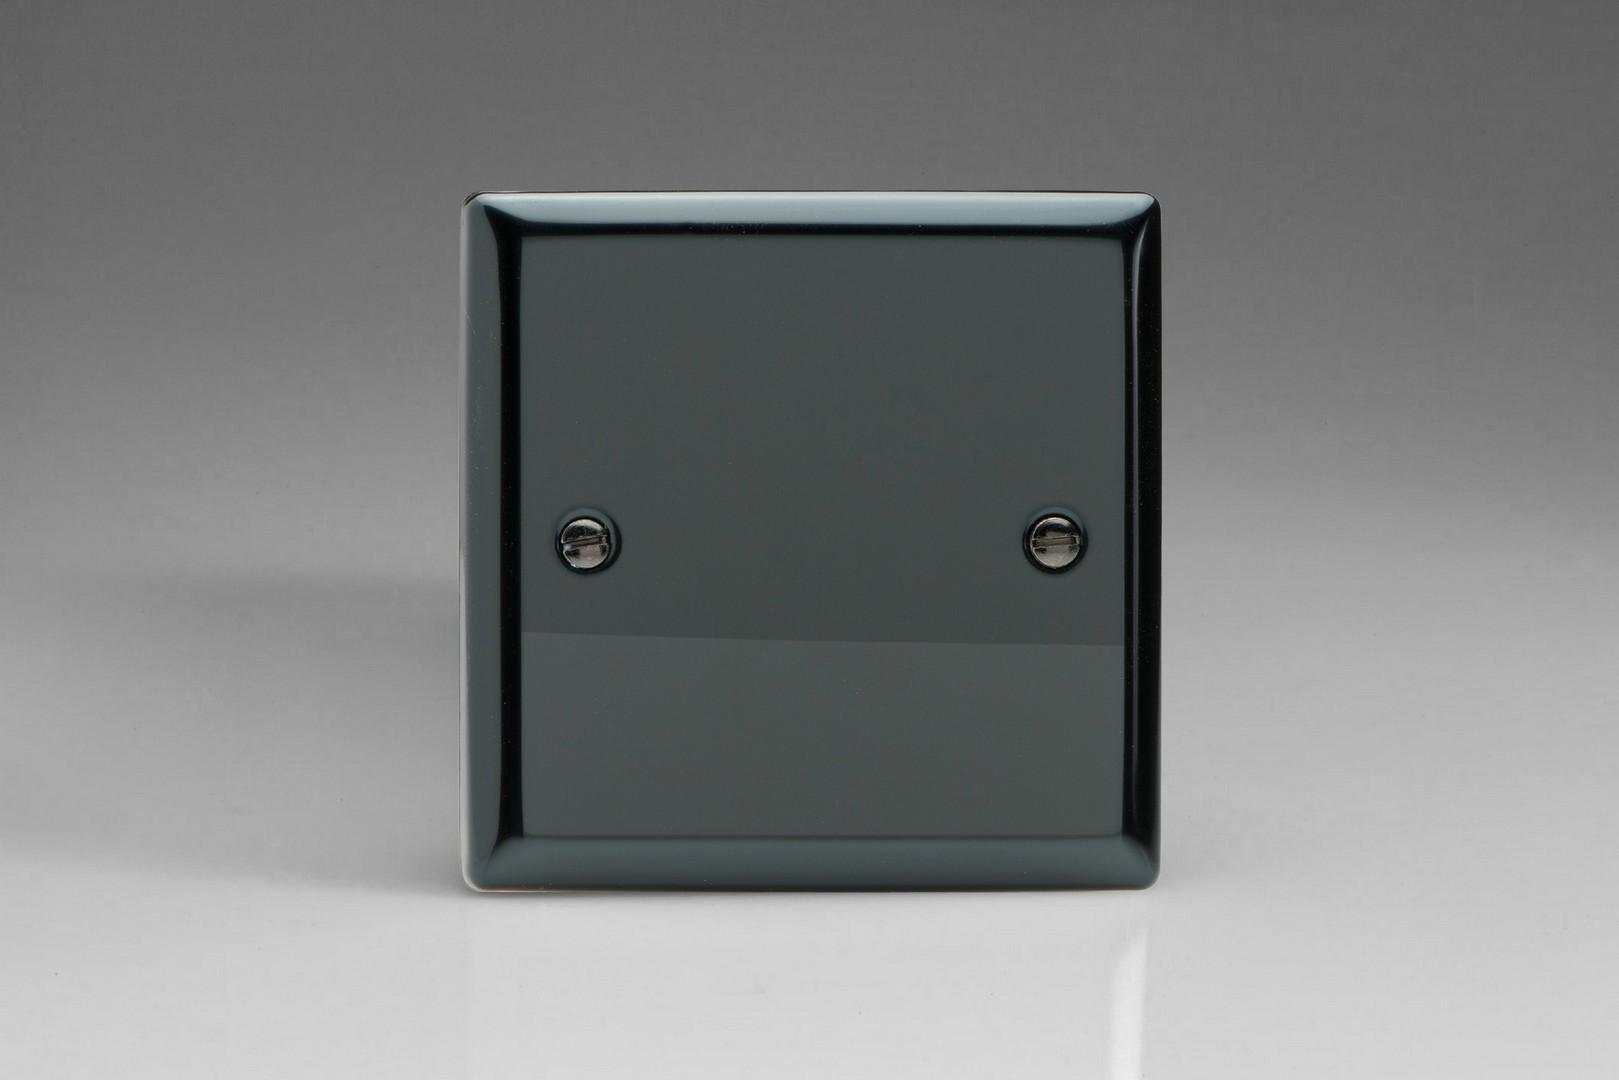 Classic Iridium Black